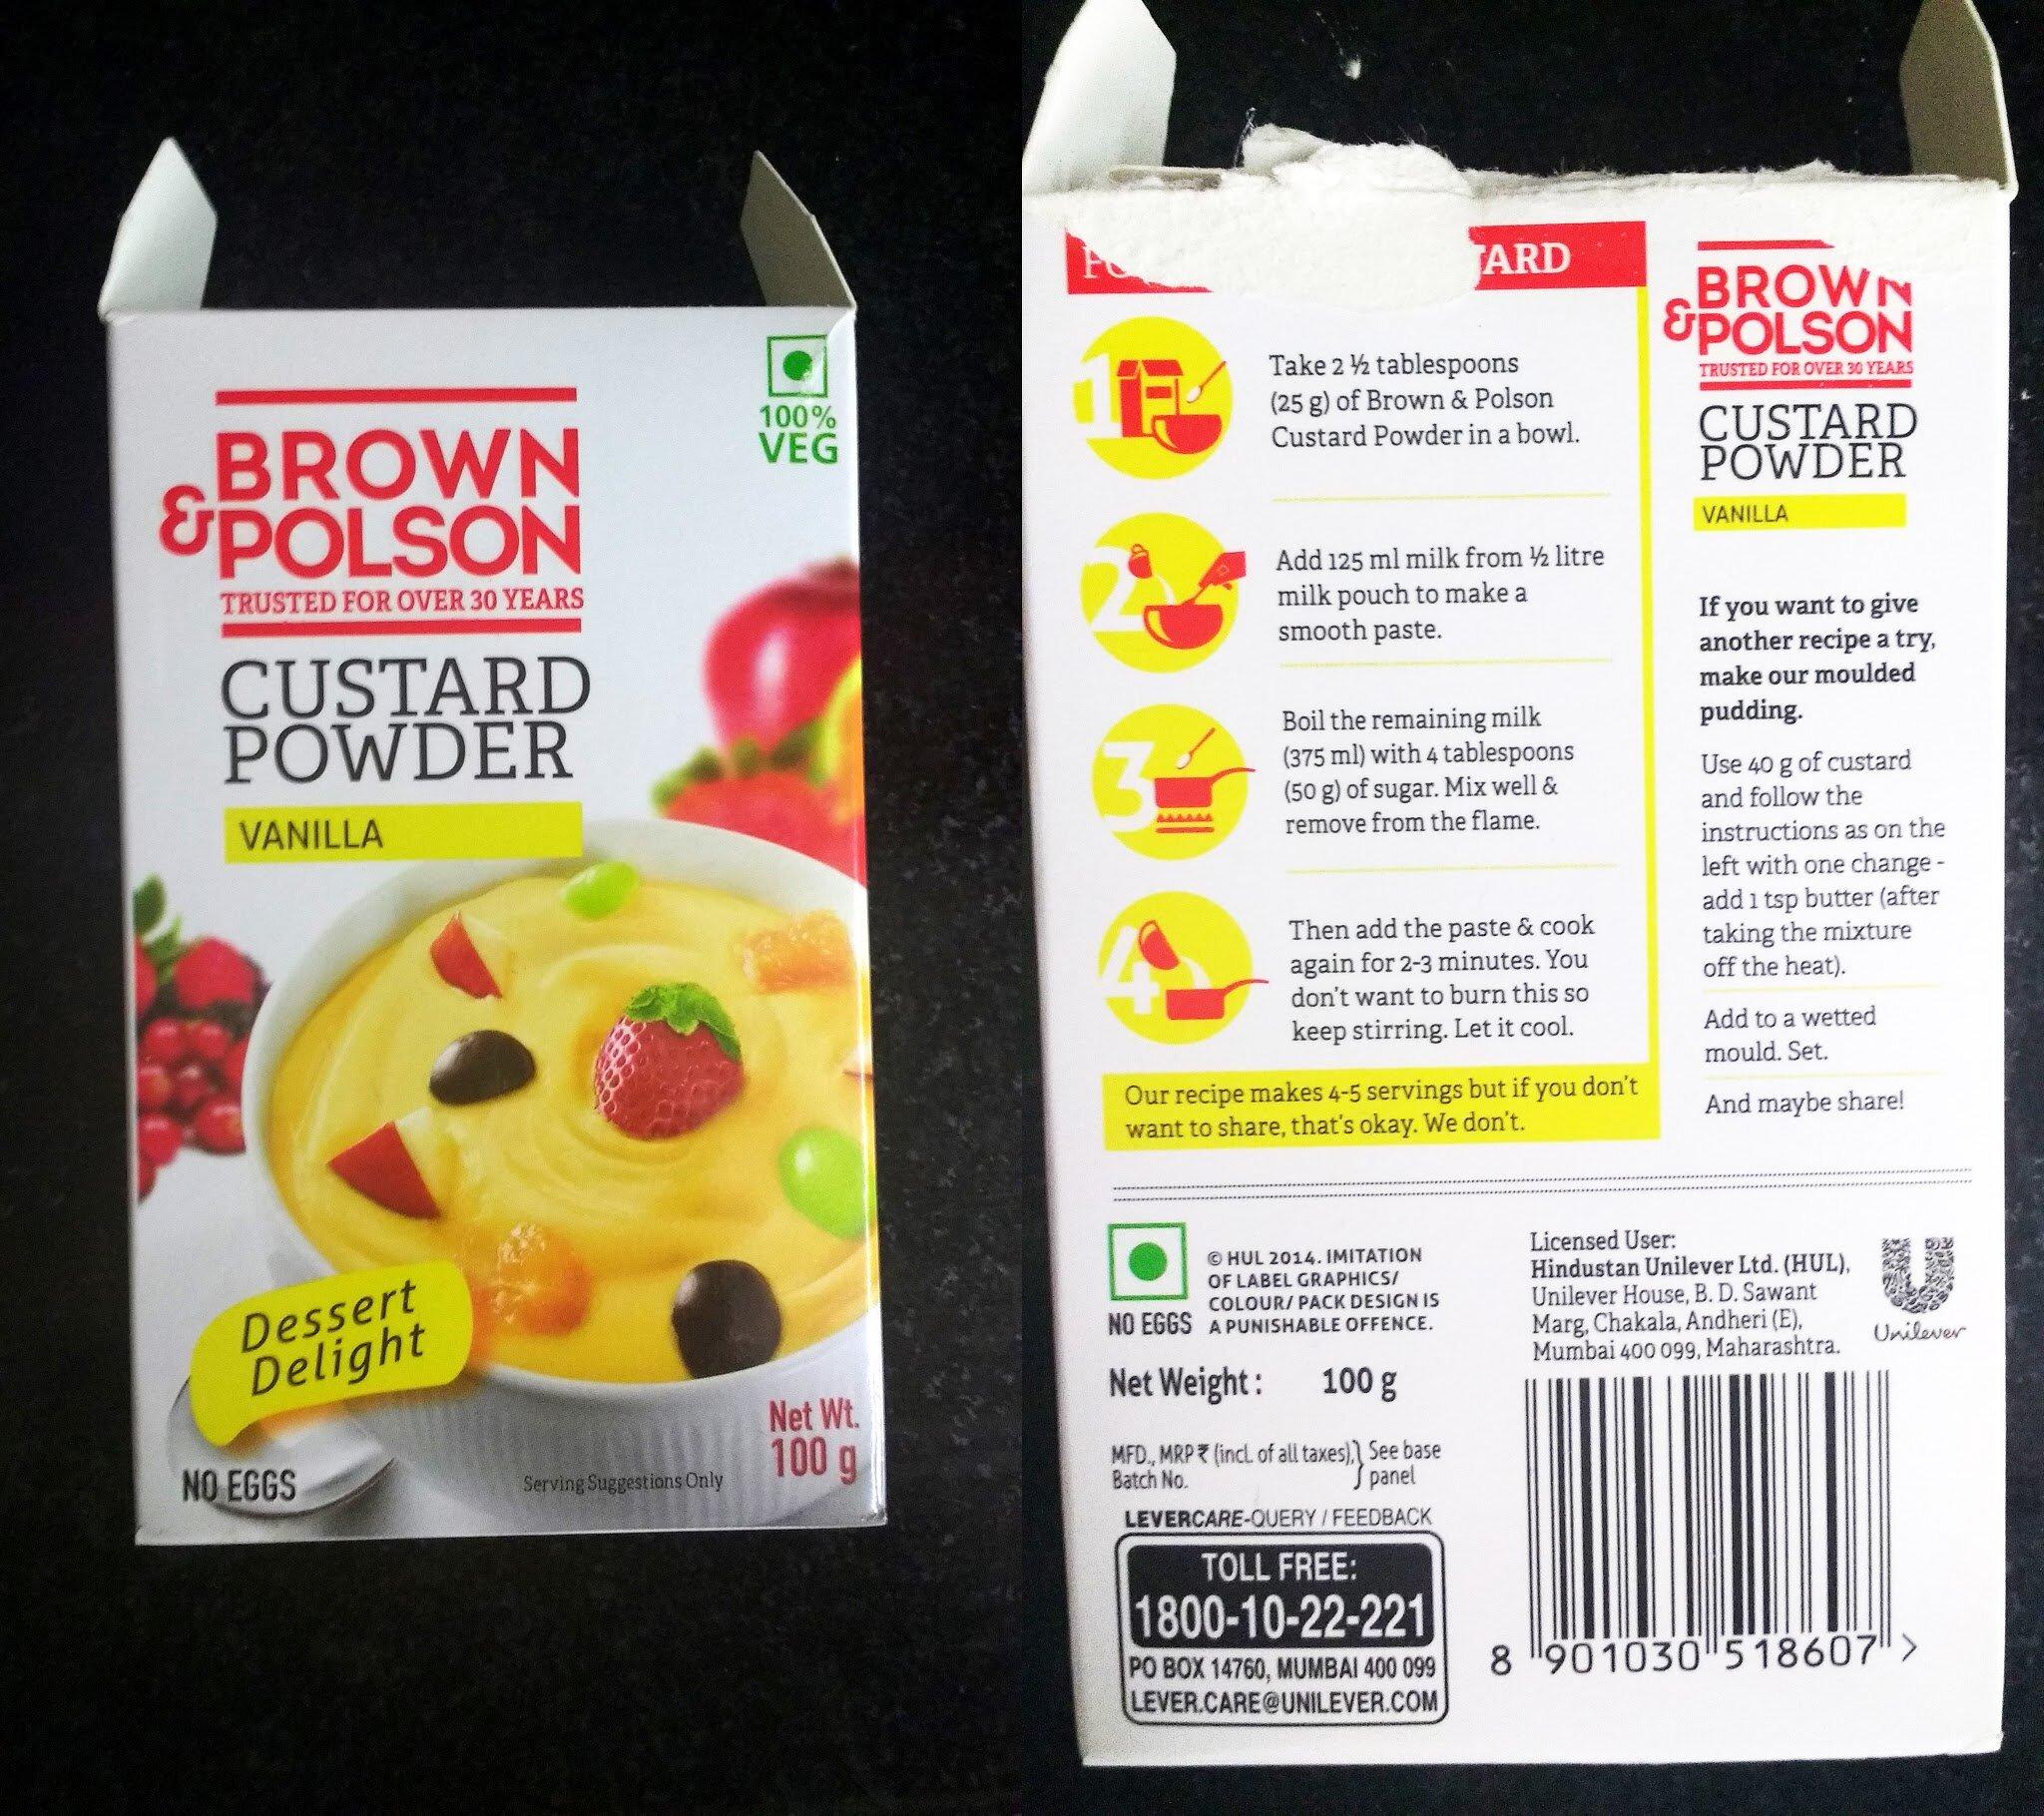 Brown & Polson Custard Powder